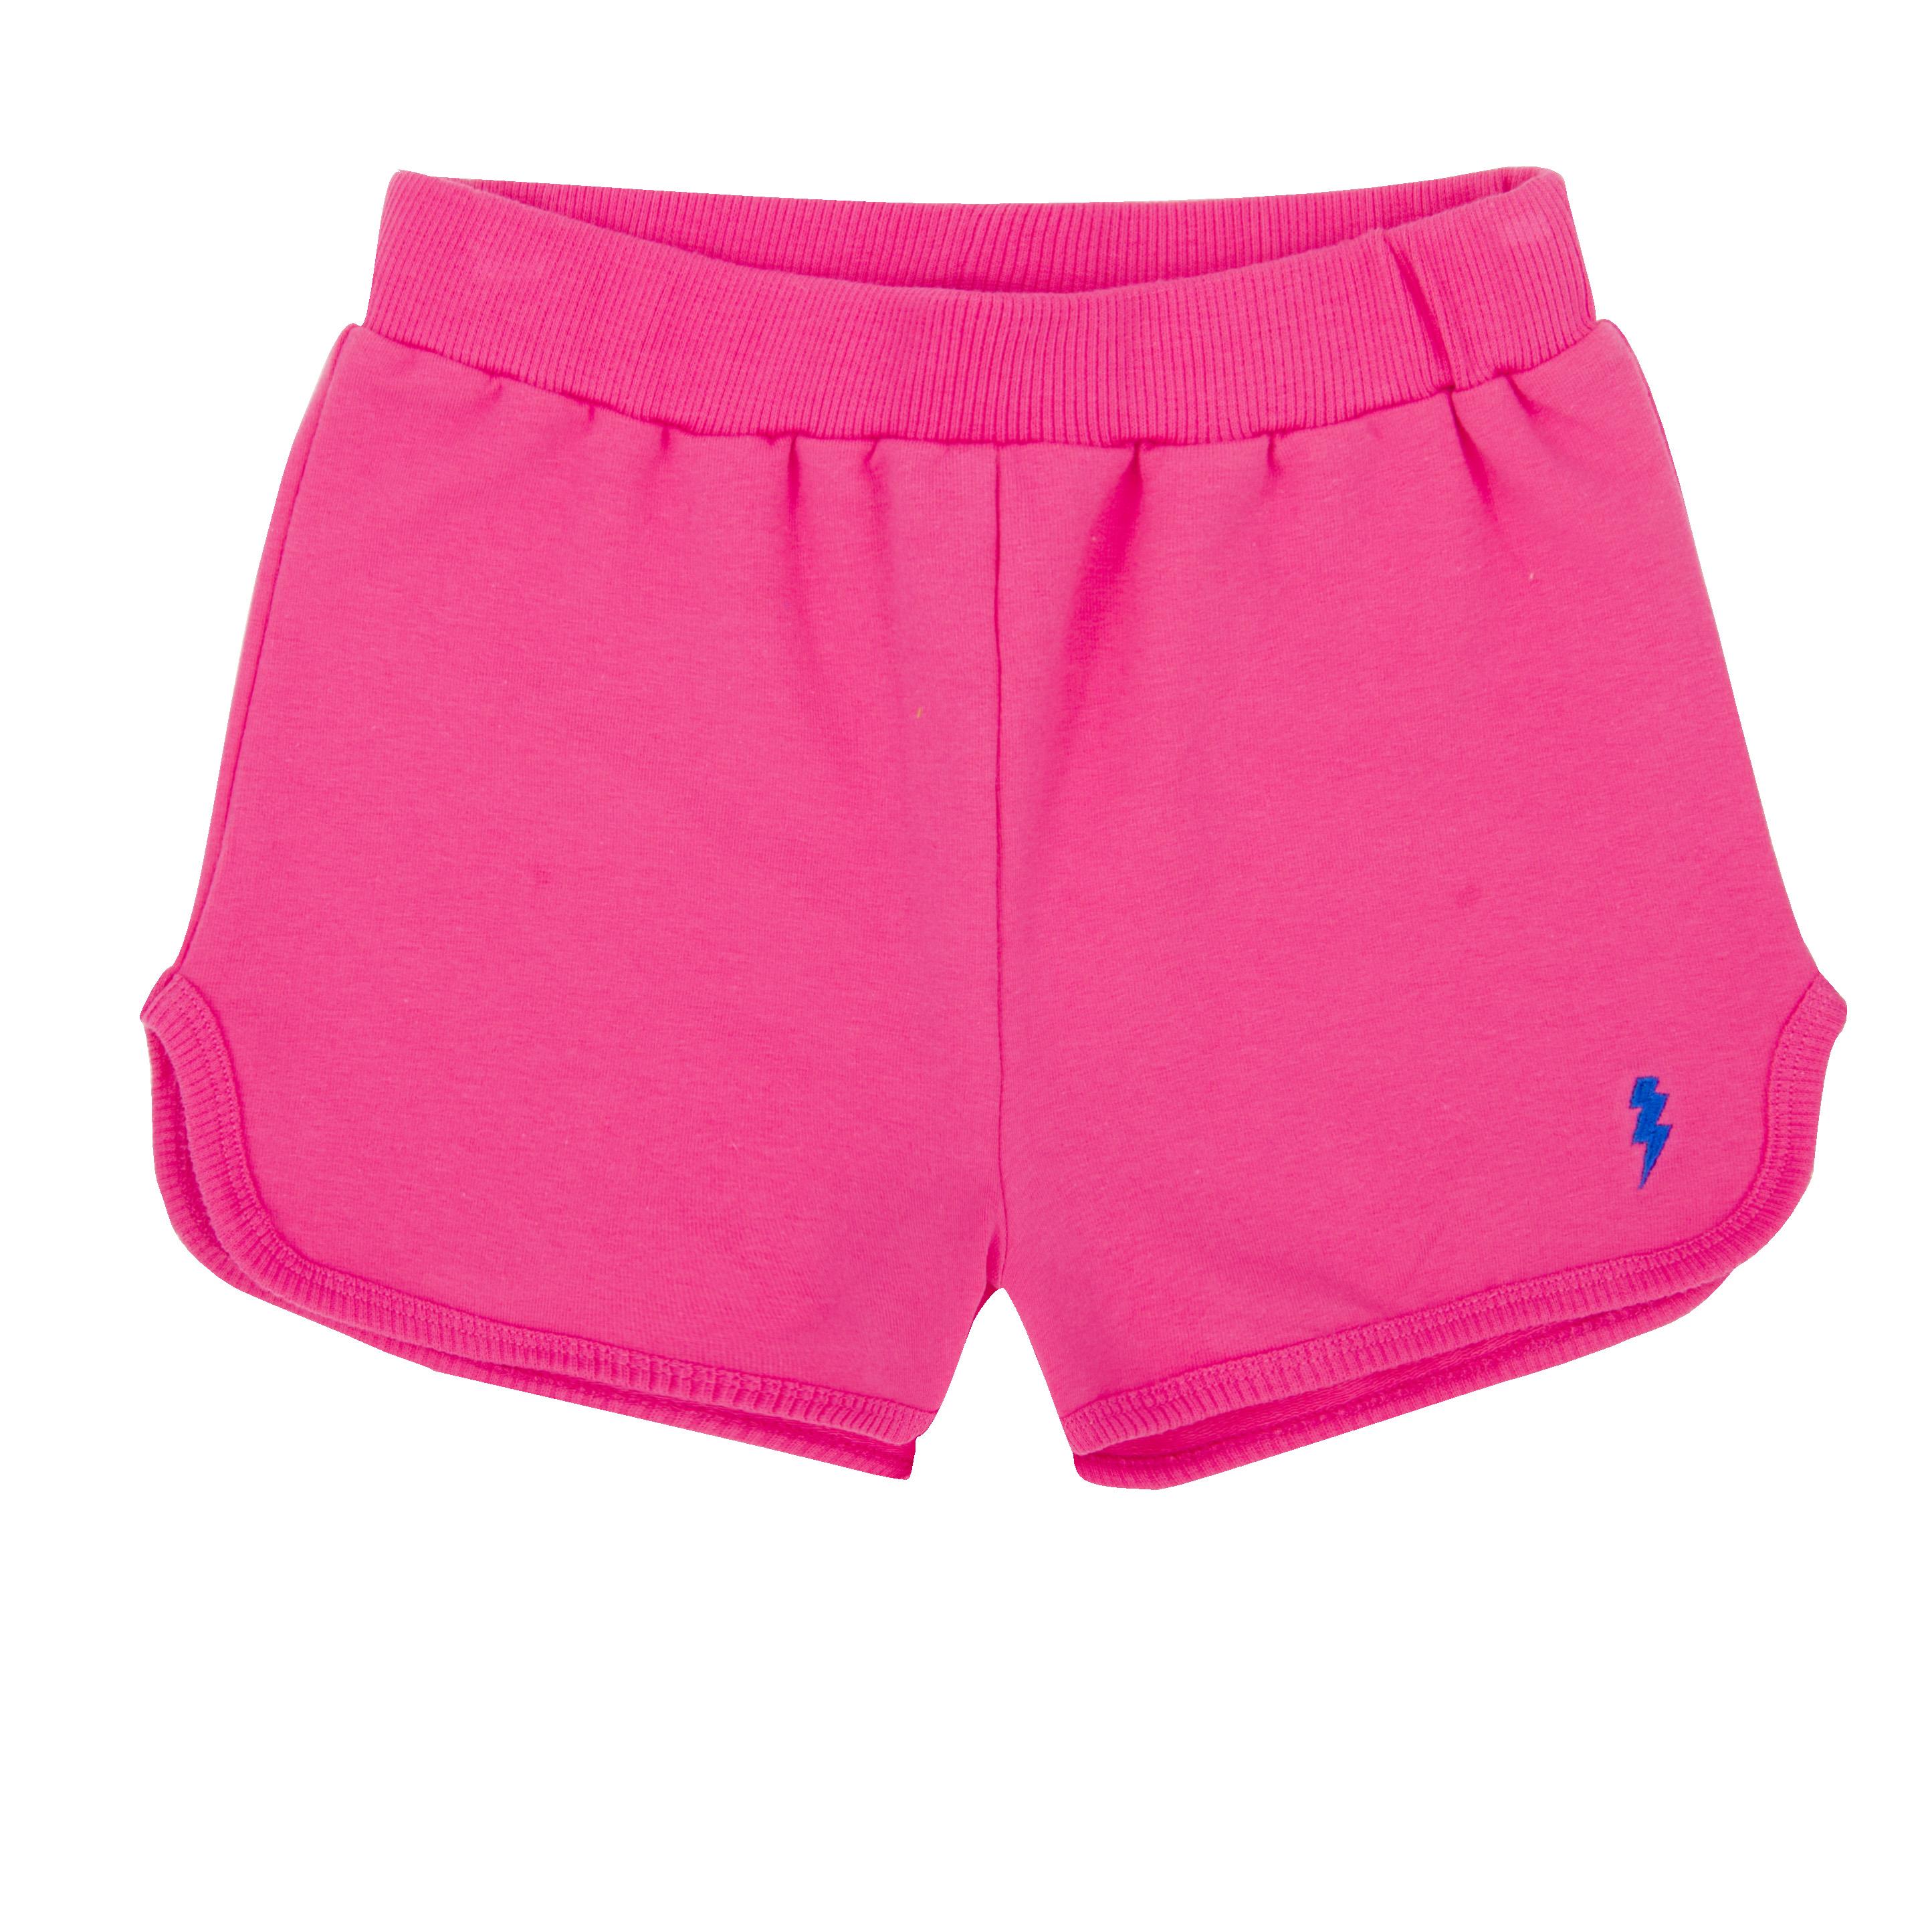 ef82f5e2096 Shorts rosa - Gardner and the Gang - Ekobay Store